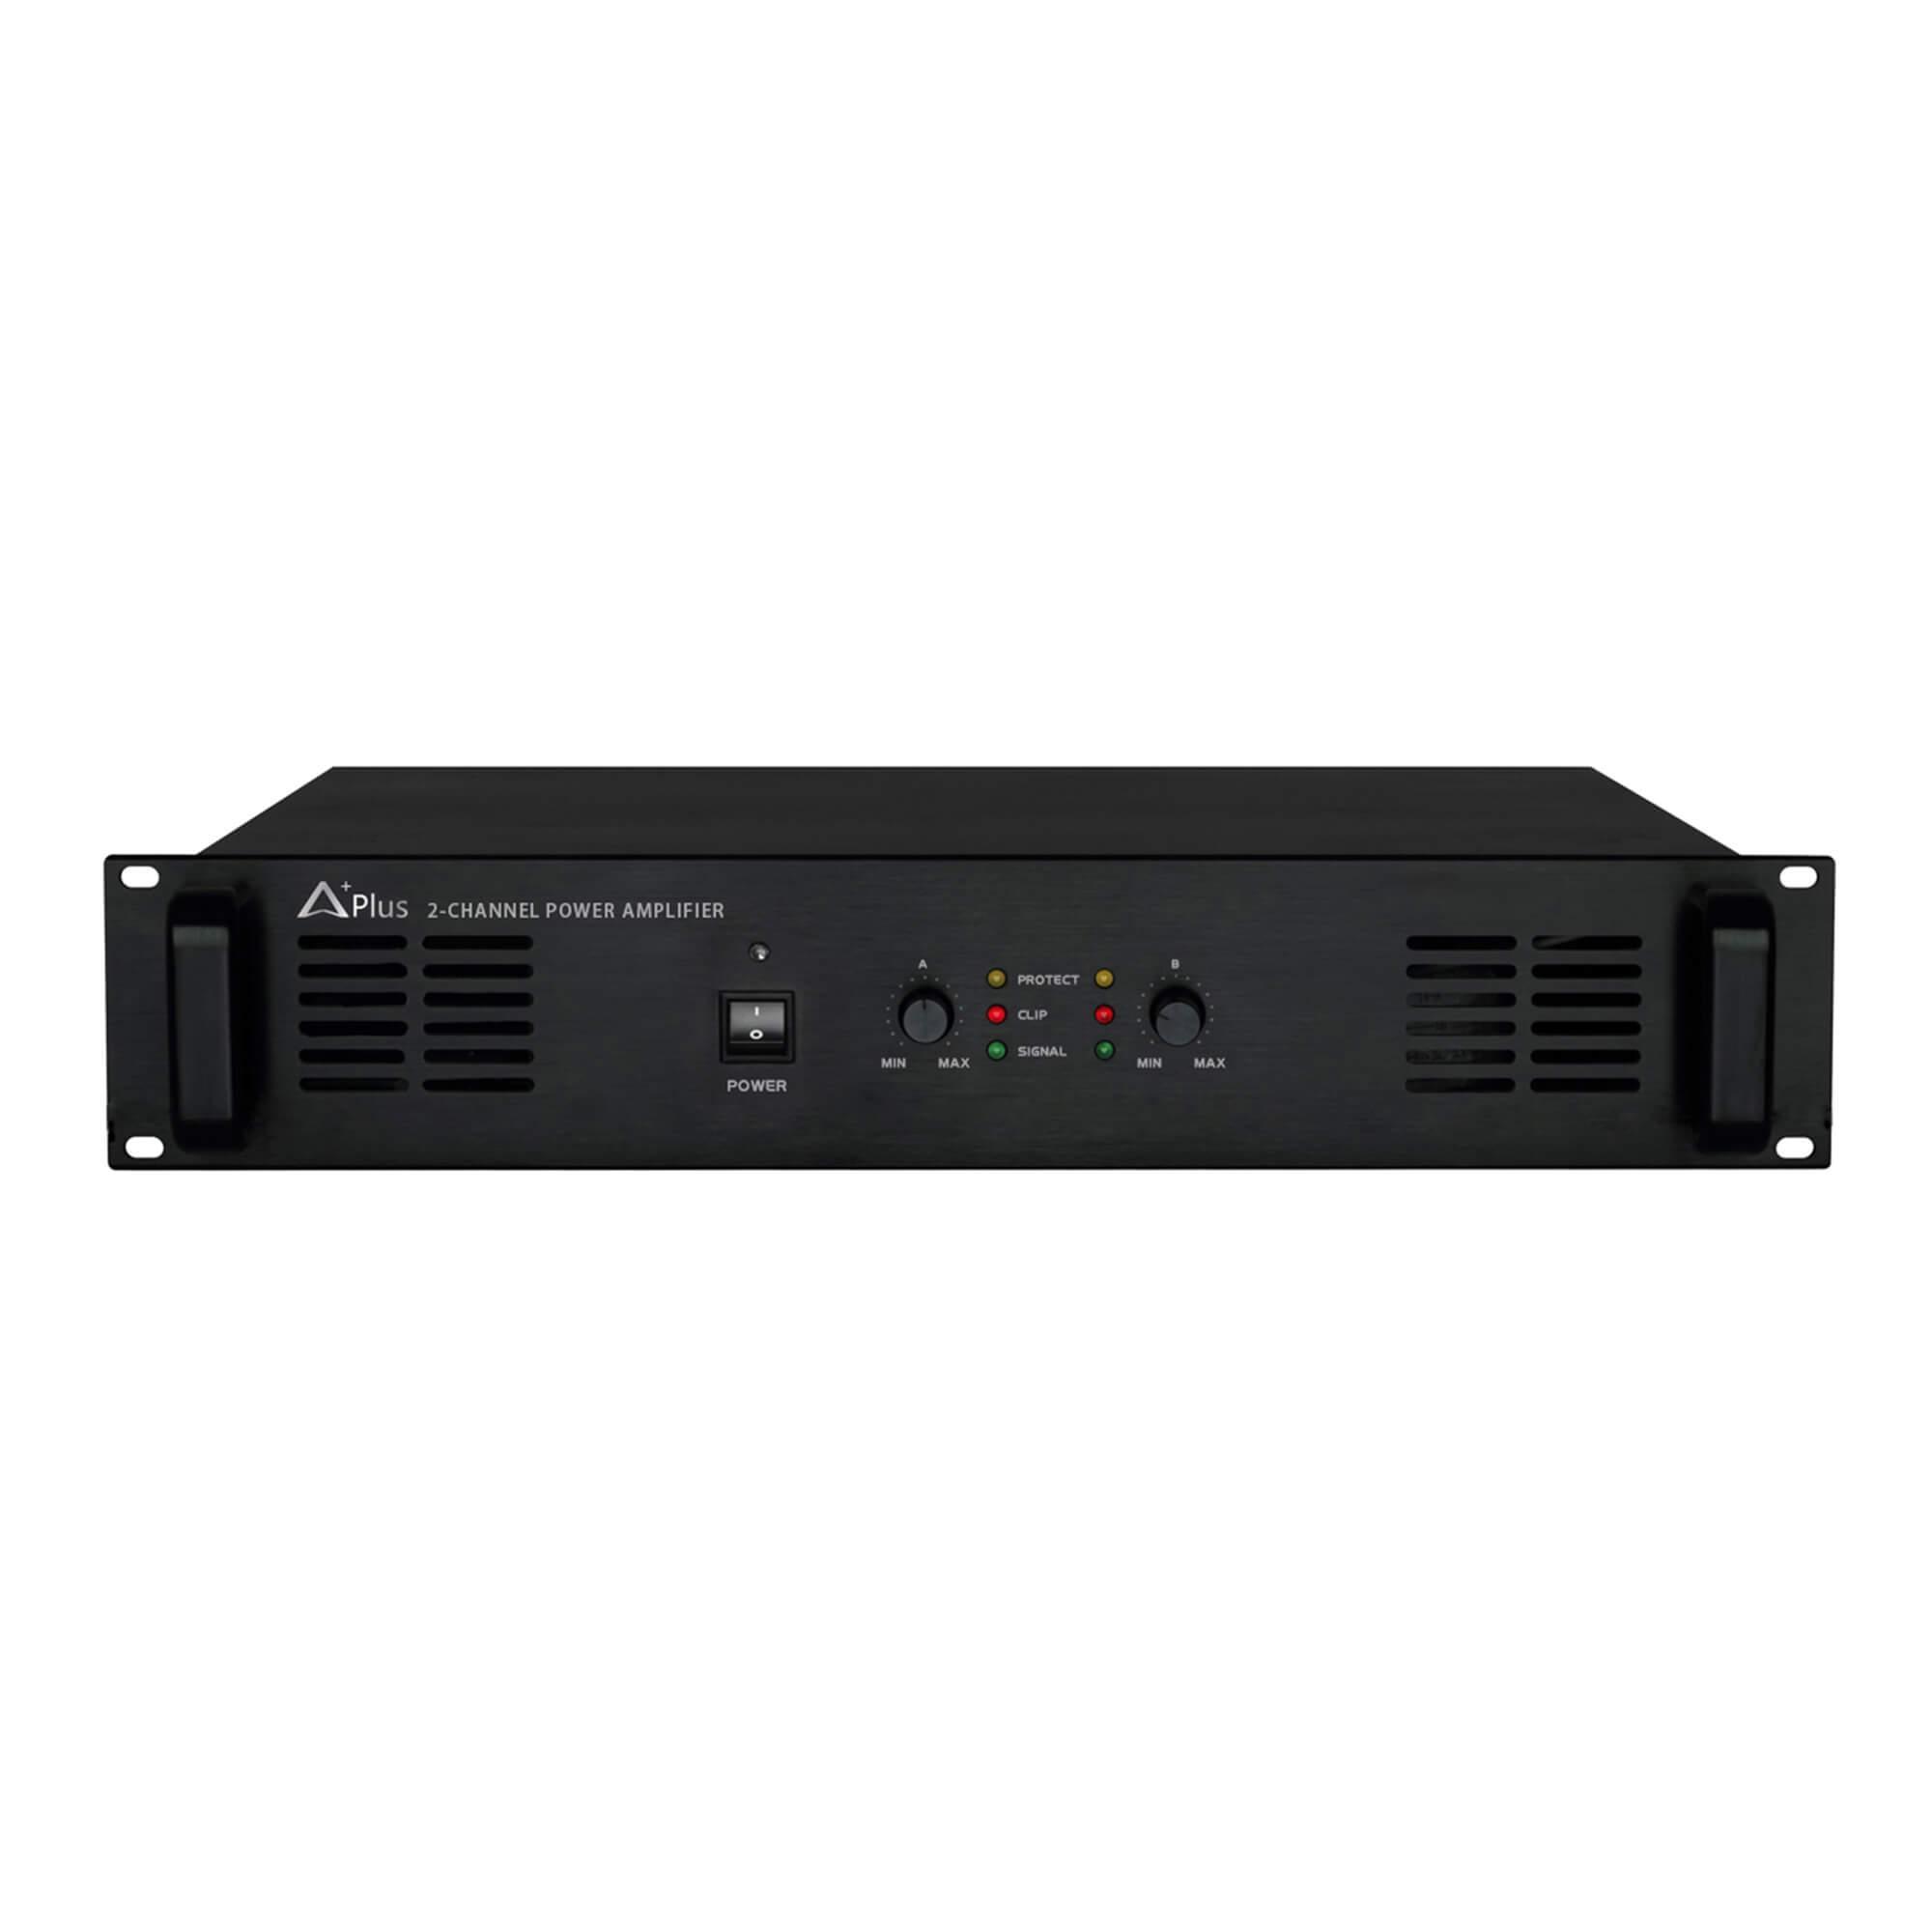 Mua Amply công suất 2 kênh APlus AP-2C60 Chính Hãng 100% Giá Tốt